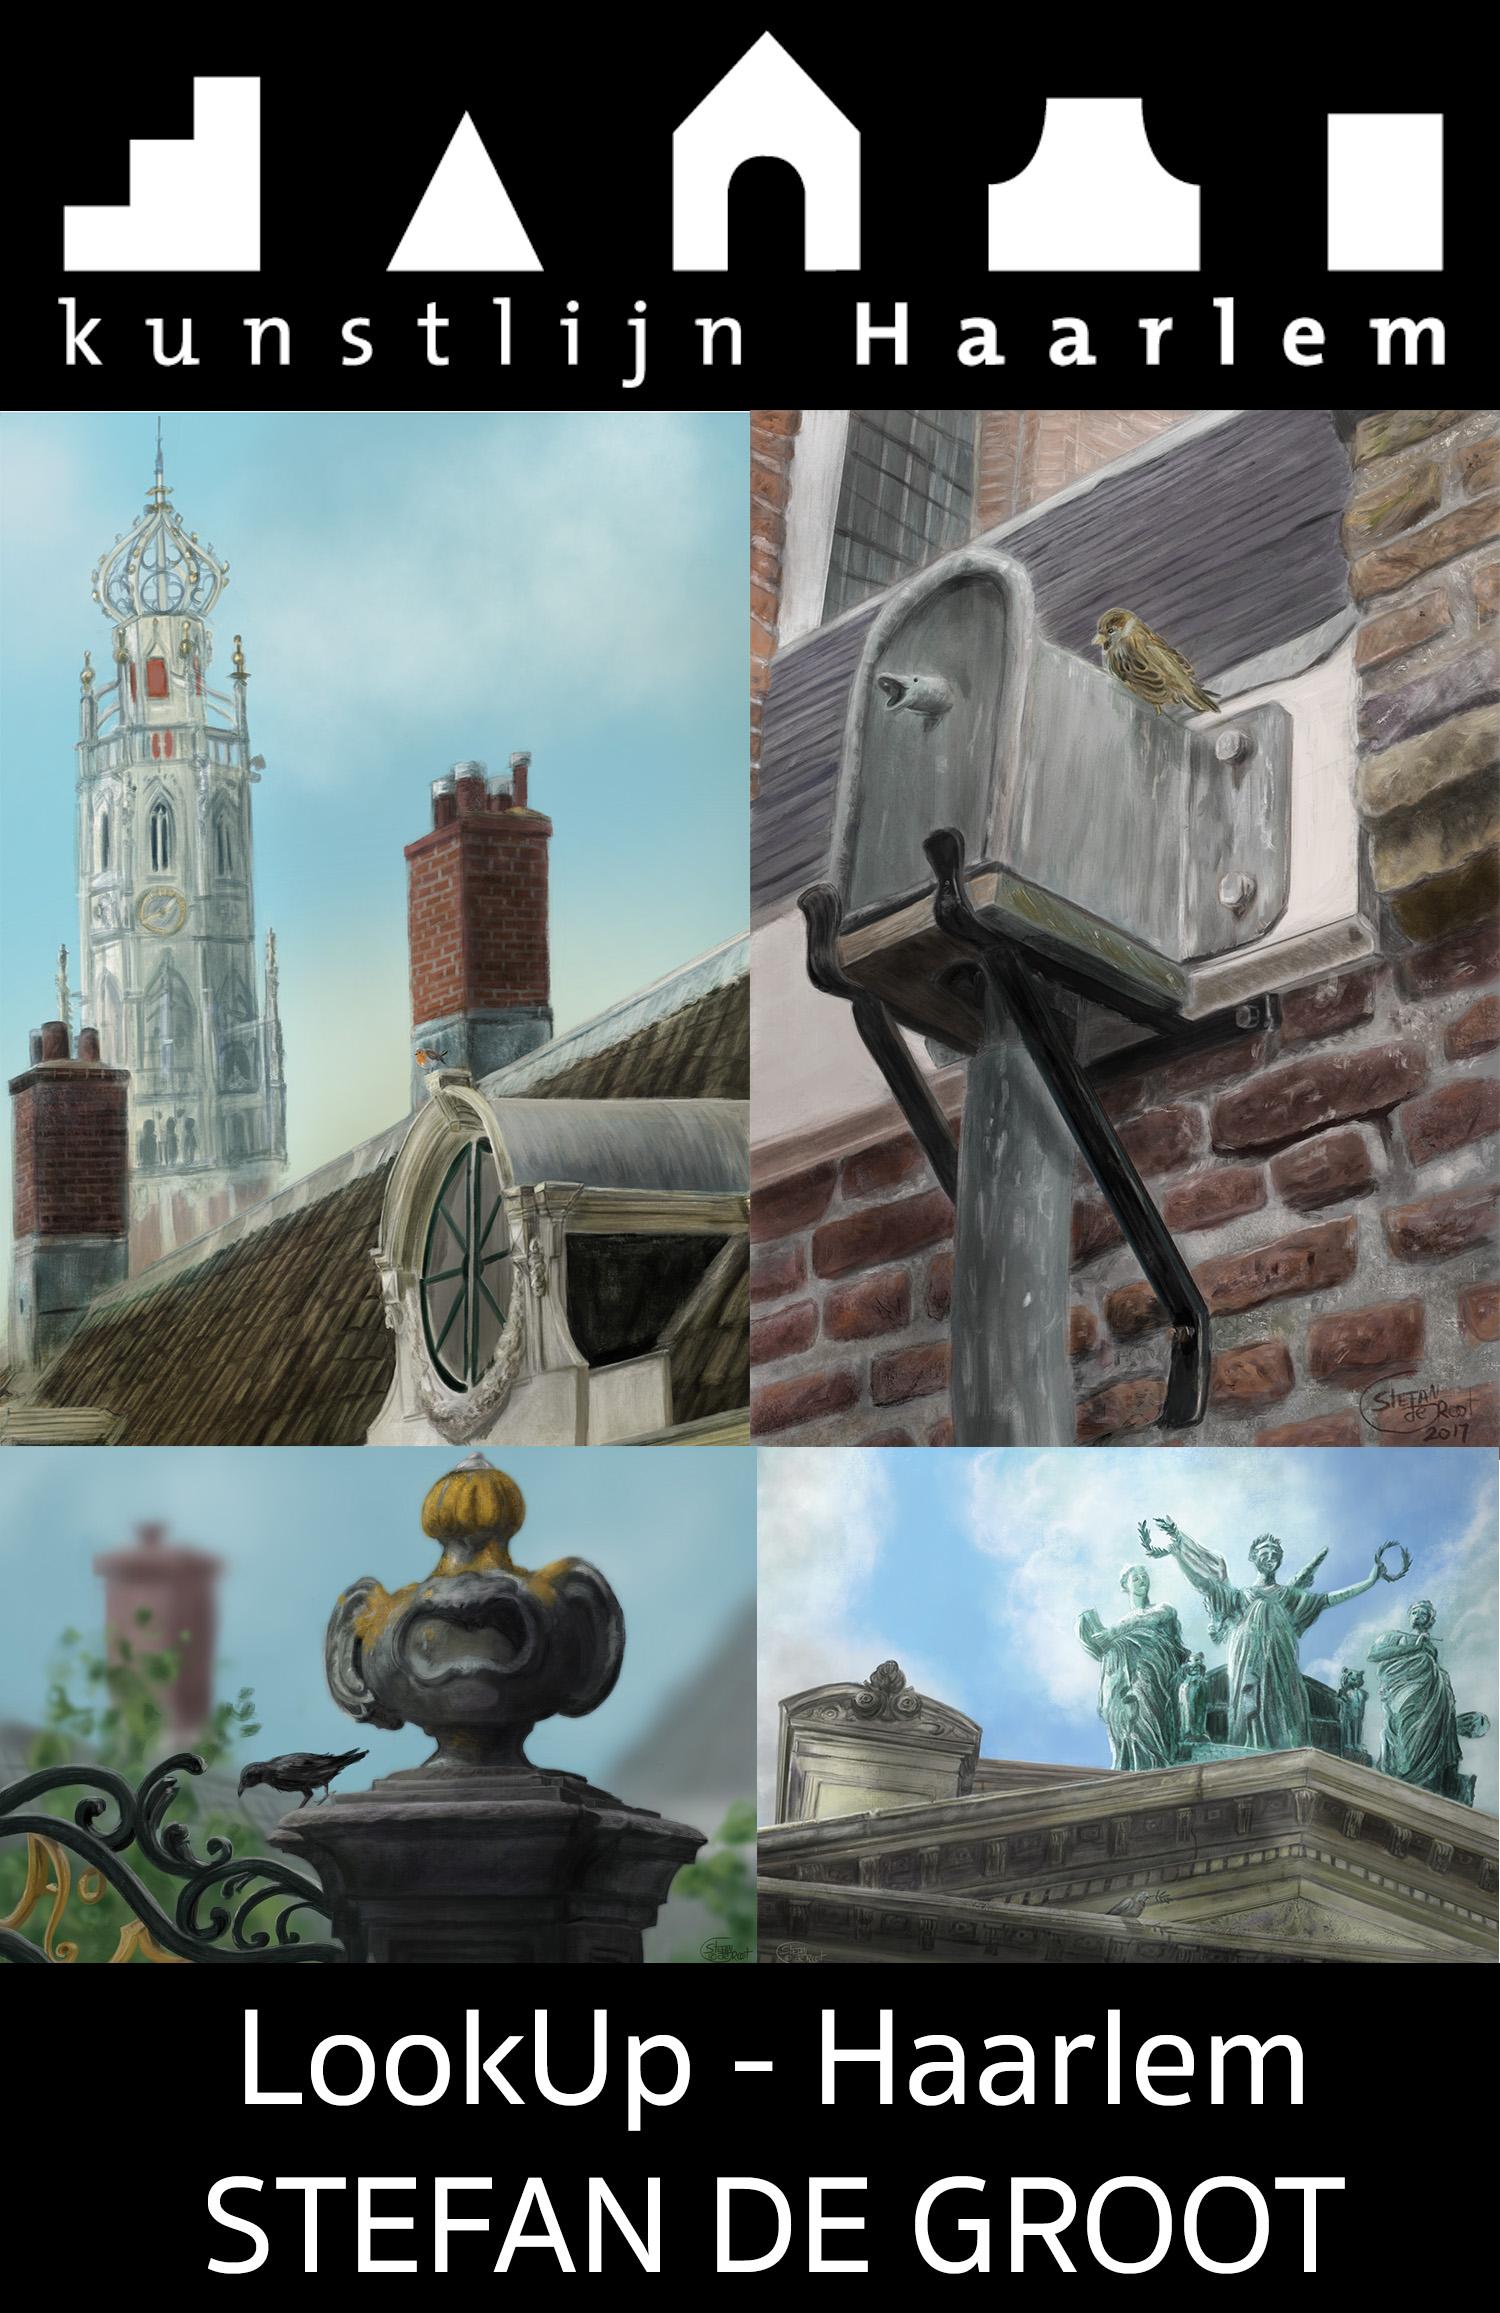 LookUp - Haarlem Stefan de Groot